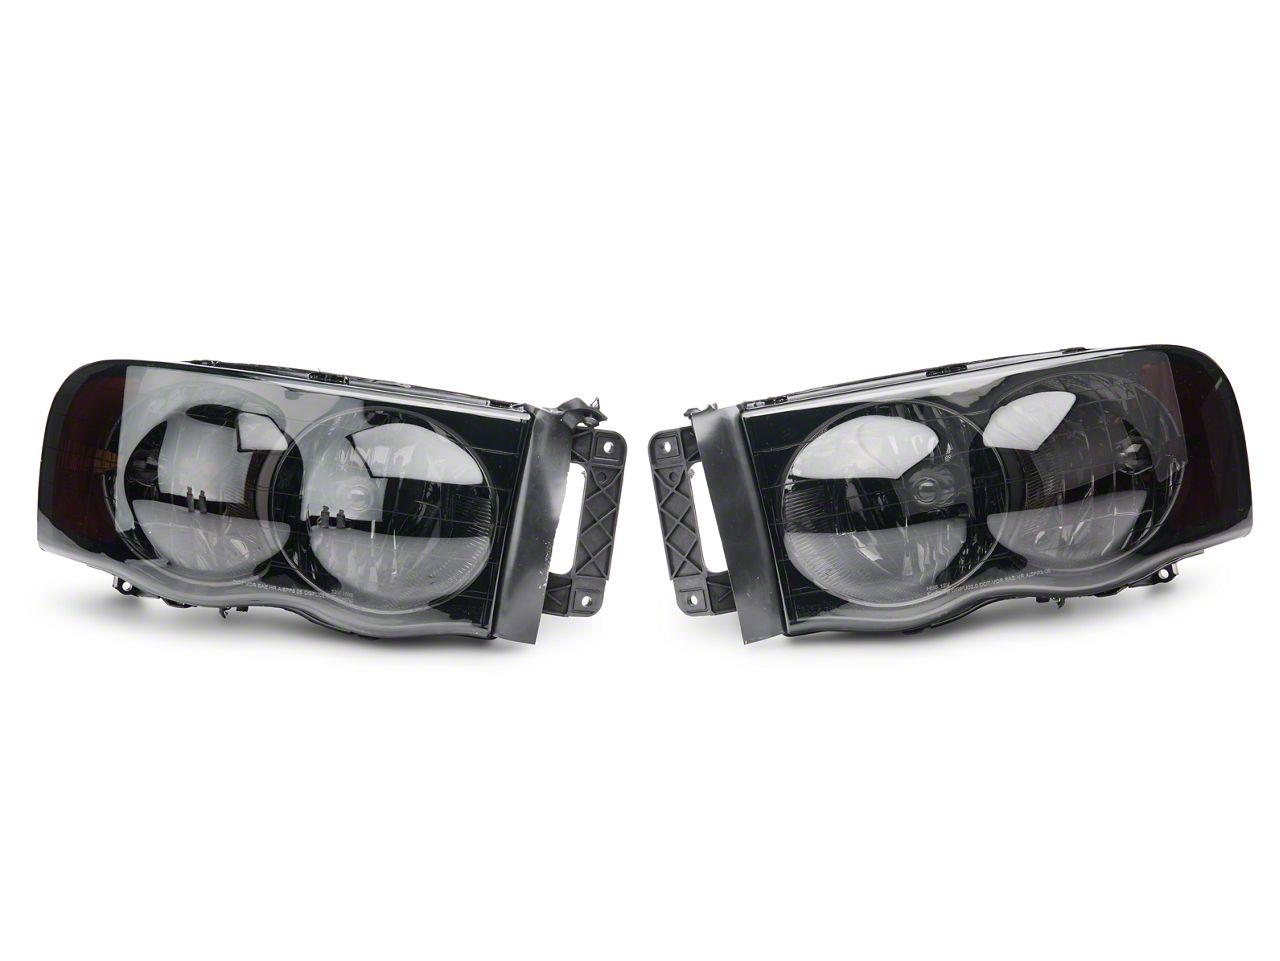 Euro Headlights - Smoked (02-05 RAM 1500)